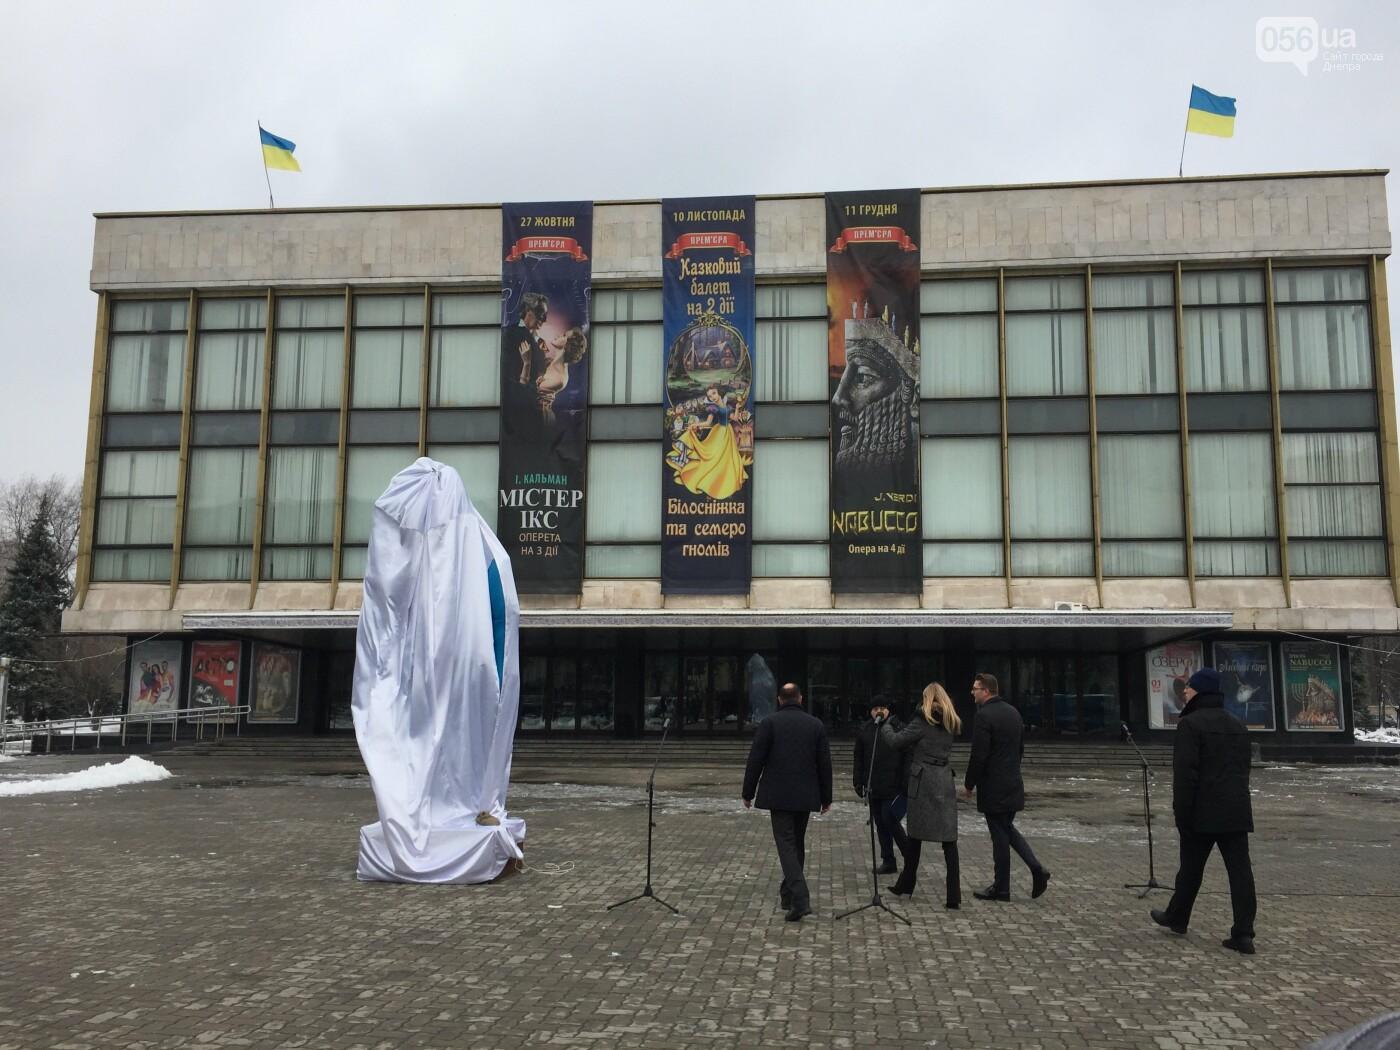 В центре Днепра появилась гигантская синяя рука: что значит этот арт-объект, - ФОТО, ВИДЕО, фото-1